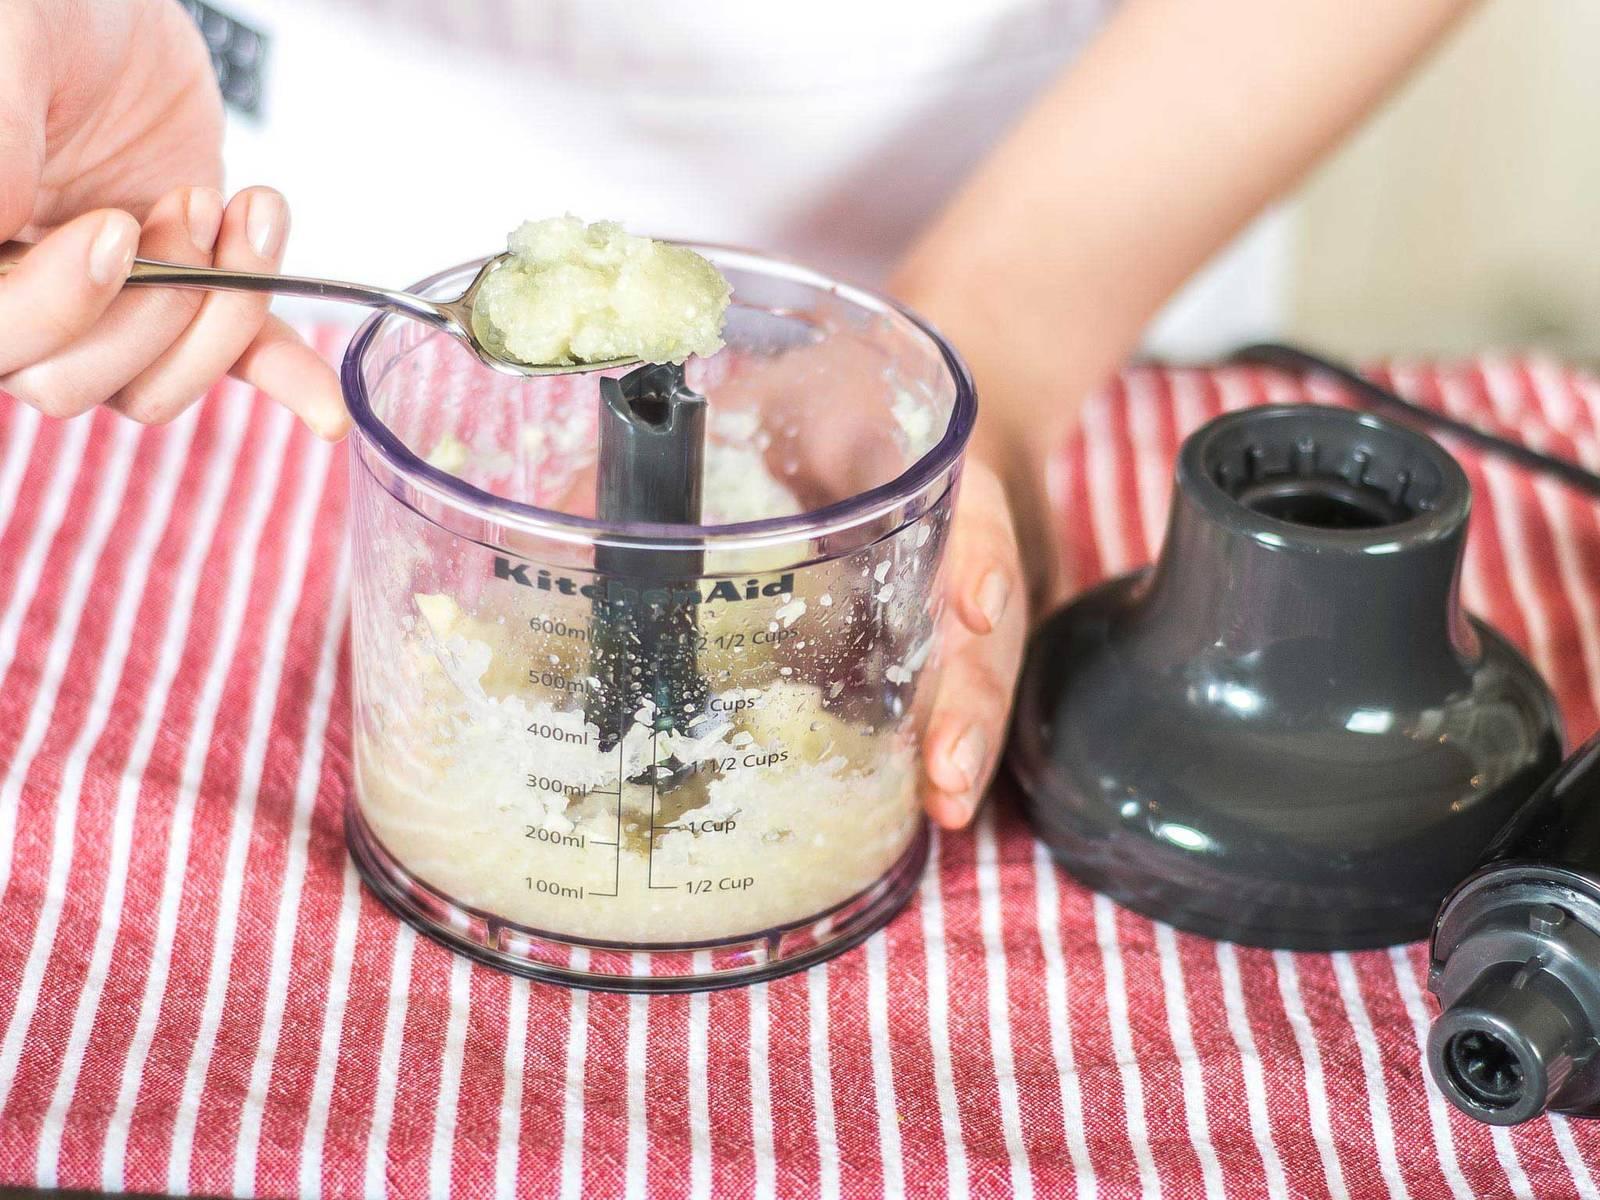 腌料做法:将姜、蒜与洋葱放入食品加工机中,搅拌至酱状。